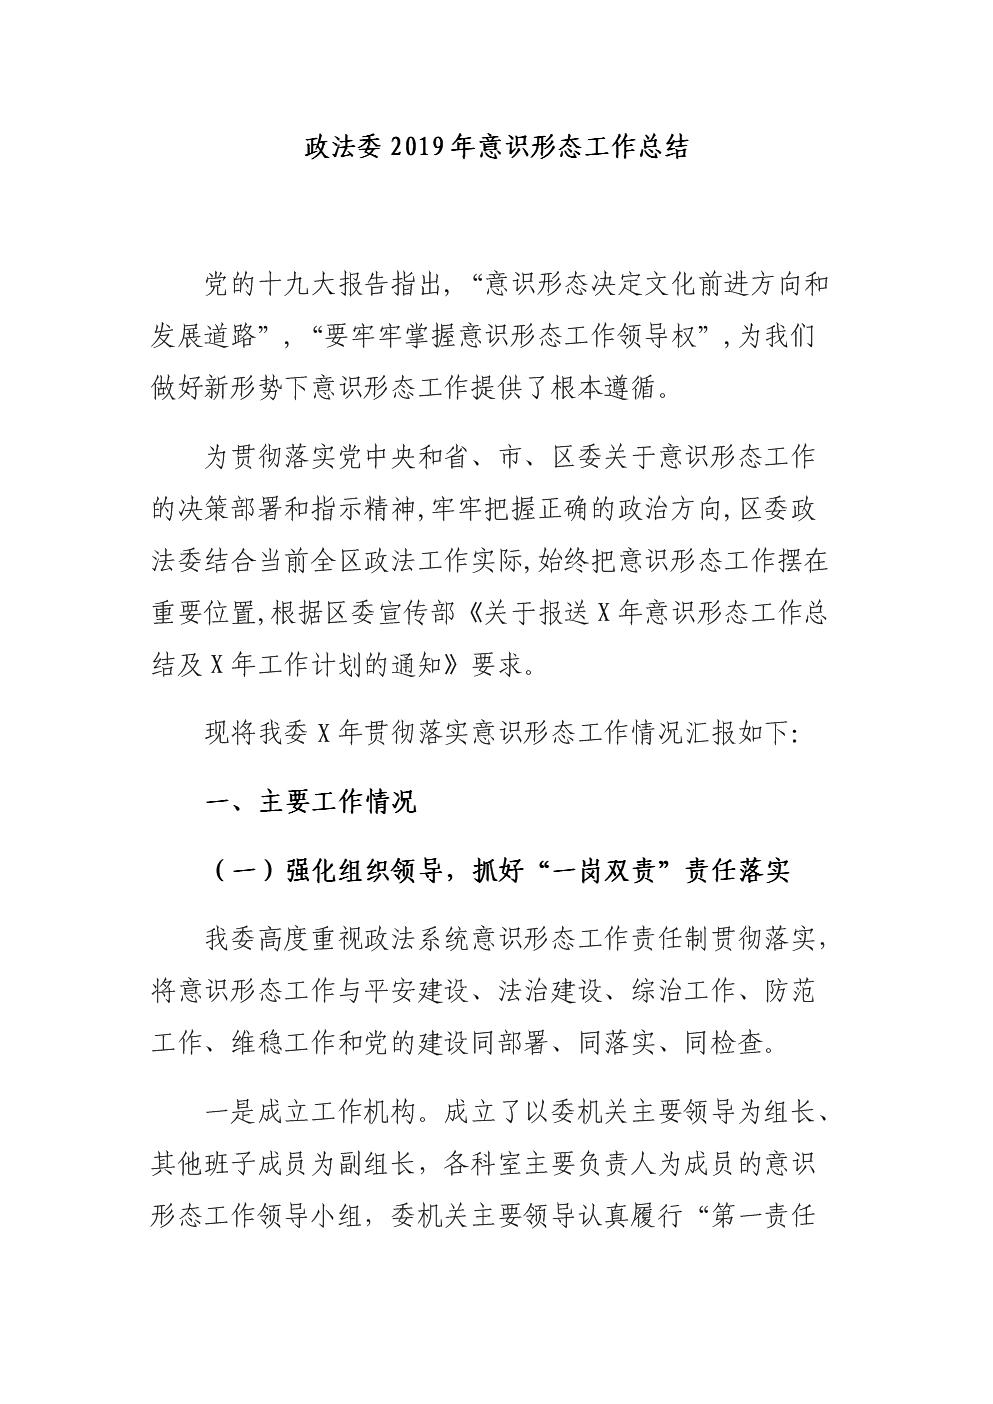 政法委2019年意识 形态工作总结.docx